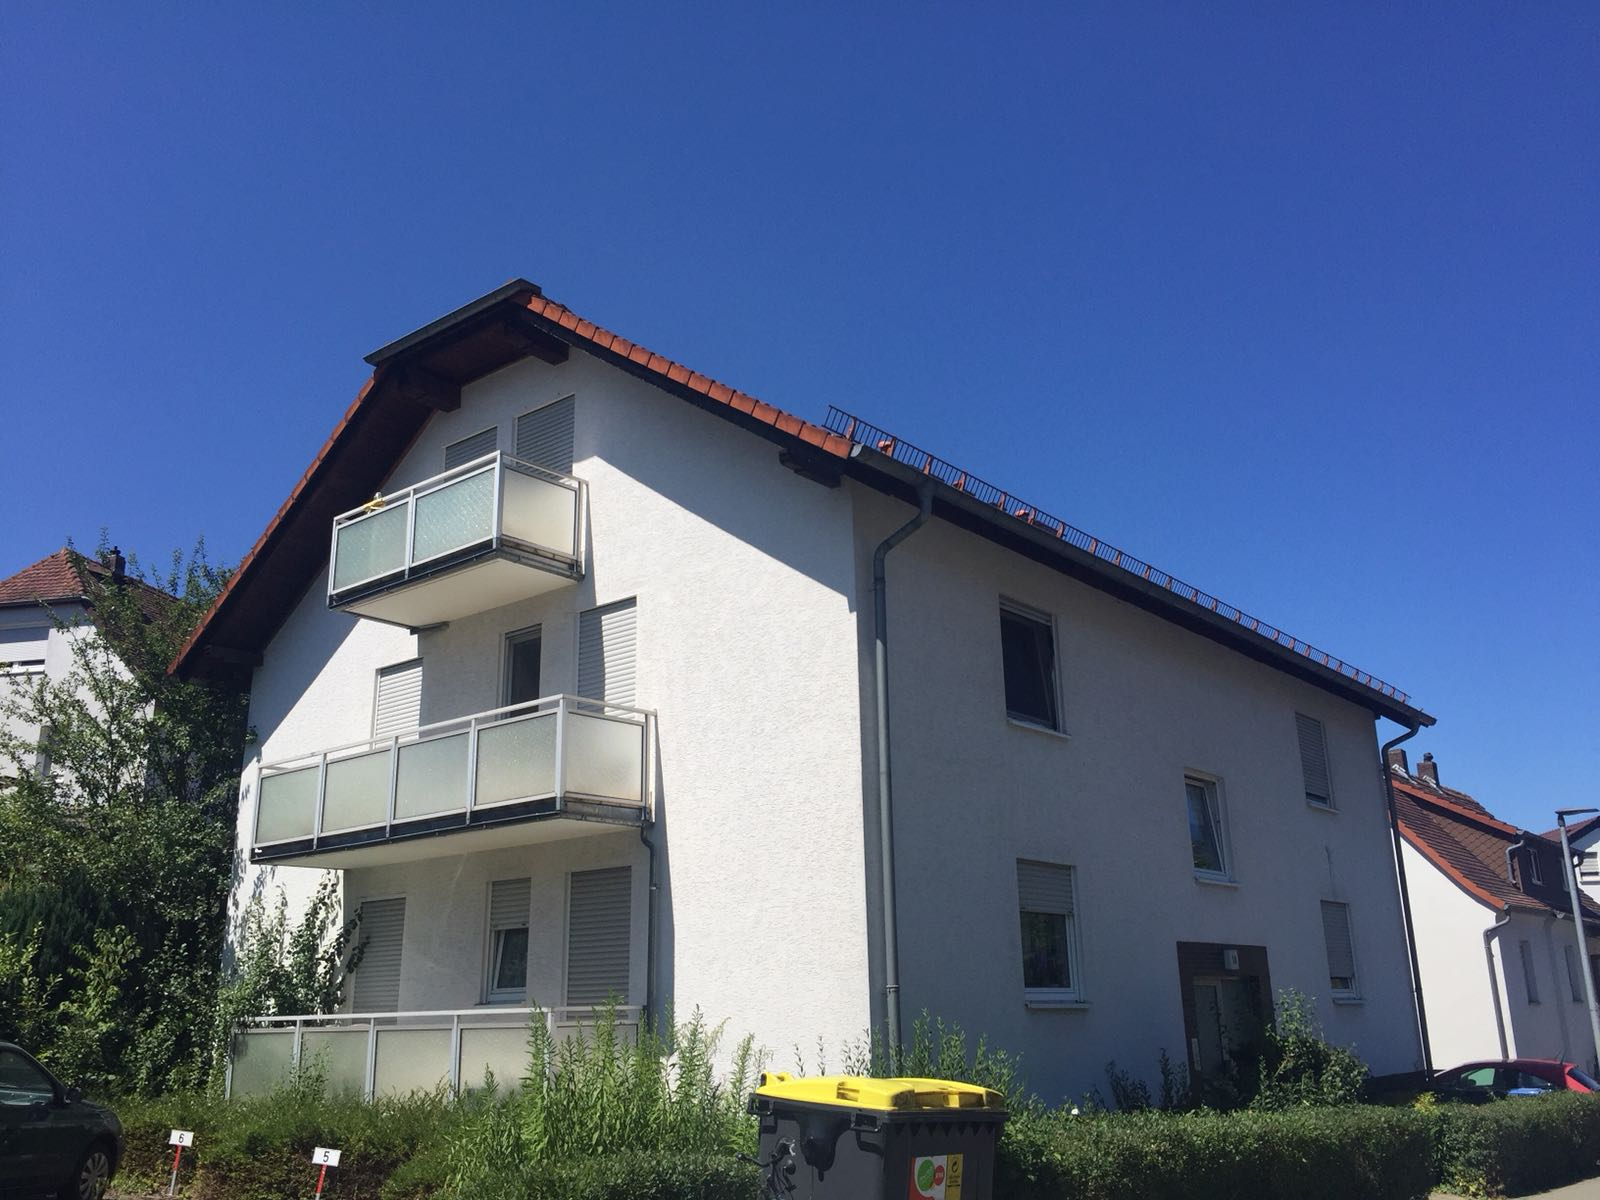 Mehrfamilienhaus in Marburg - 8 Wohneinheiten